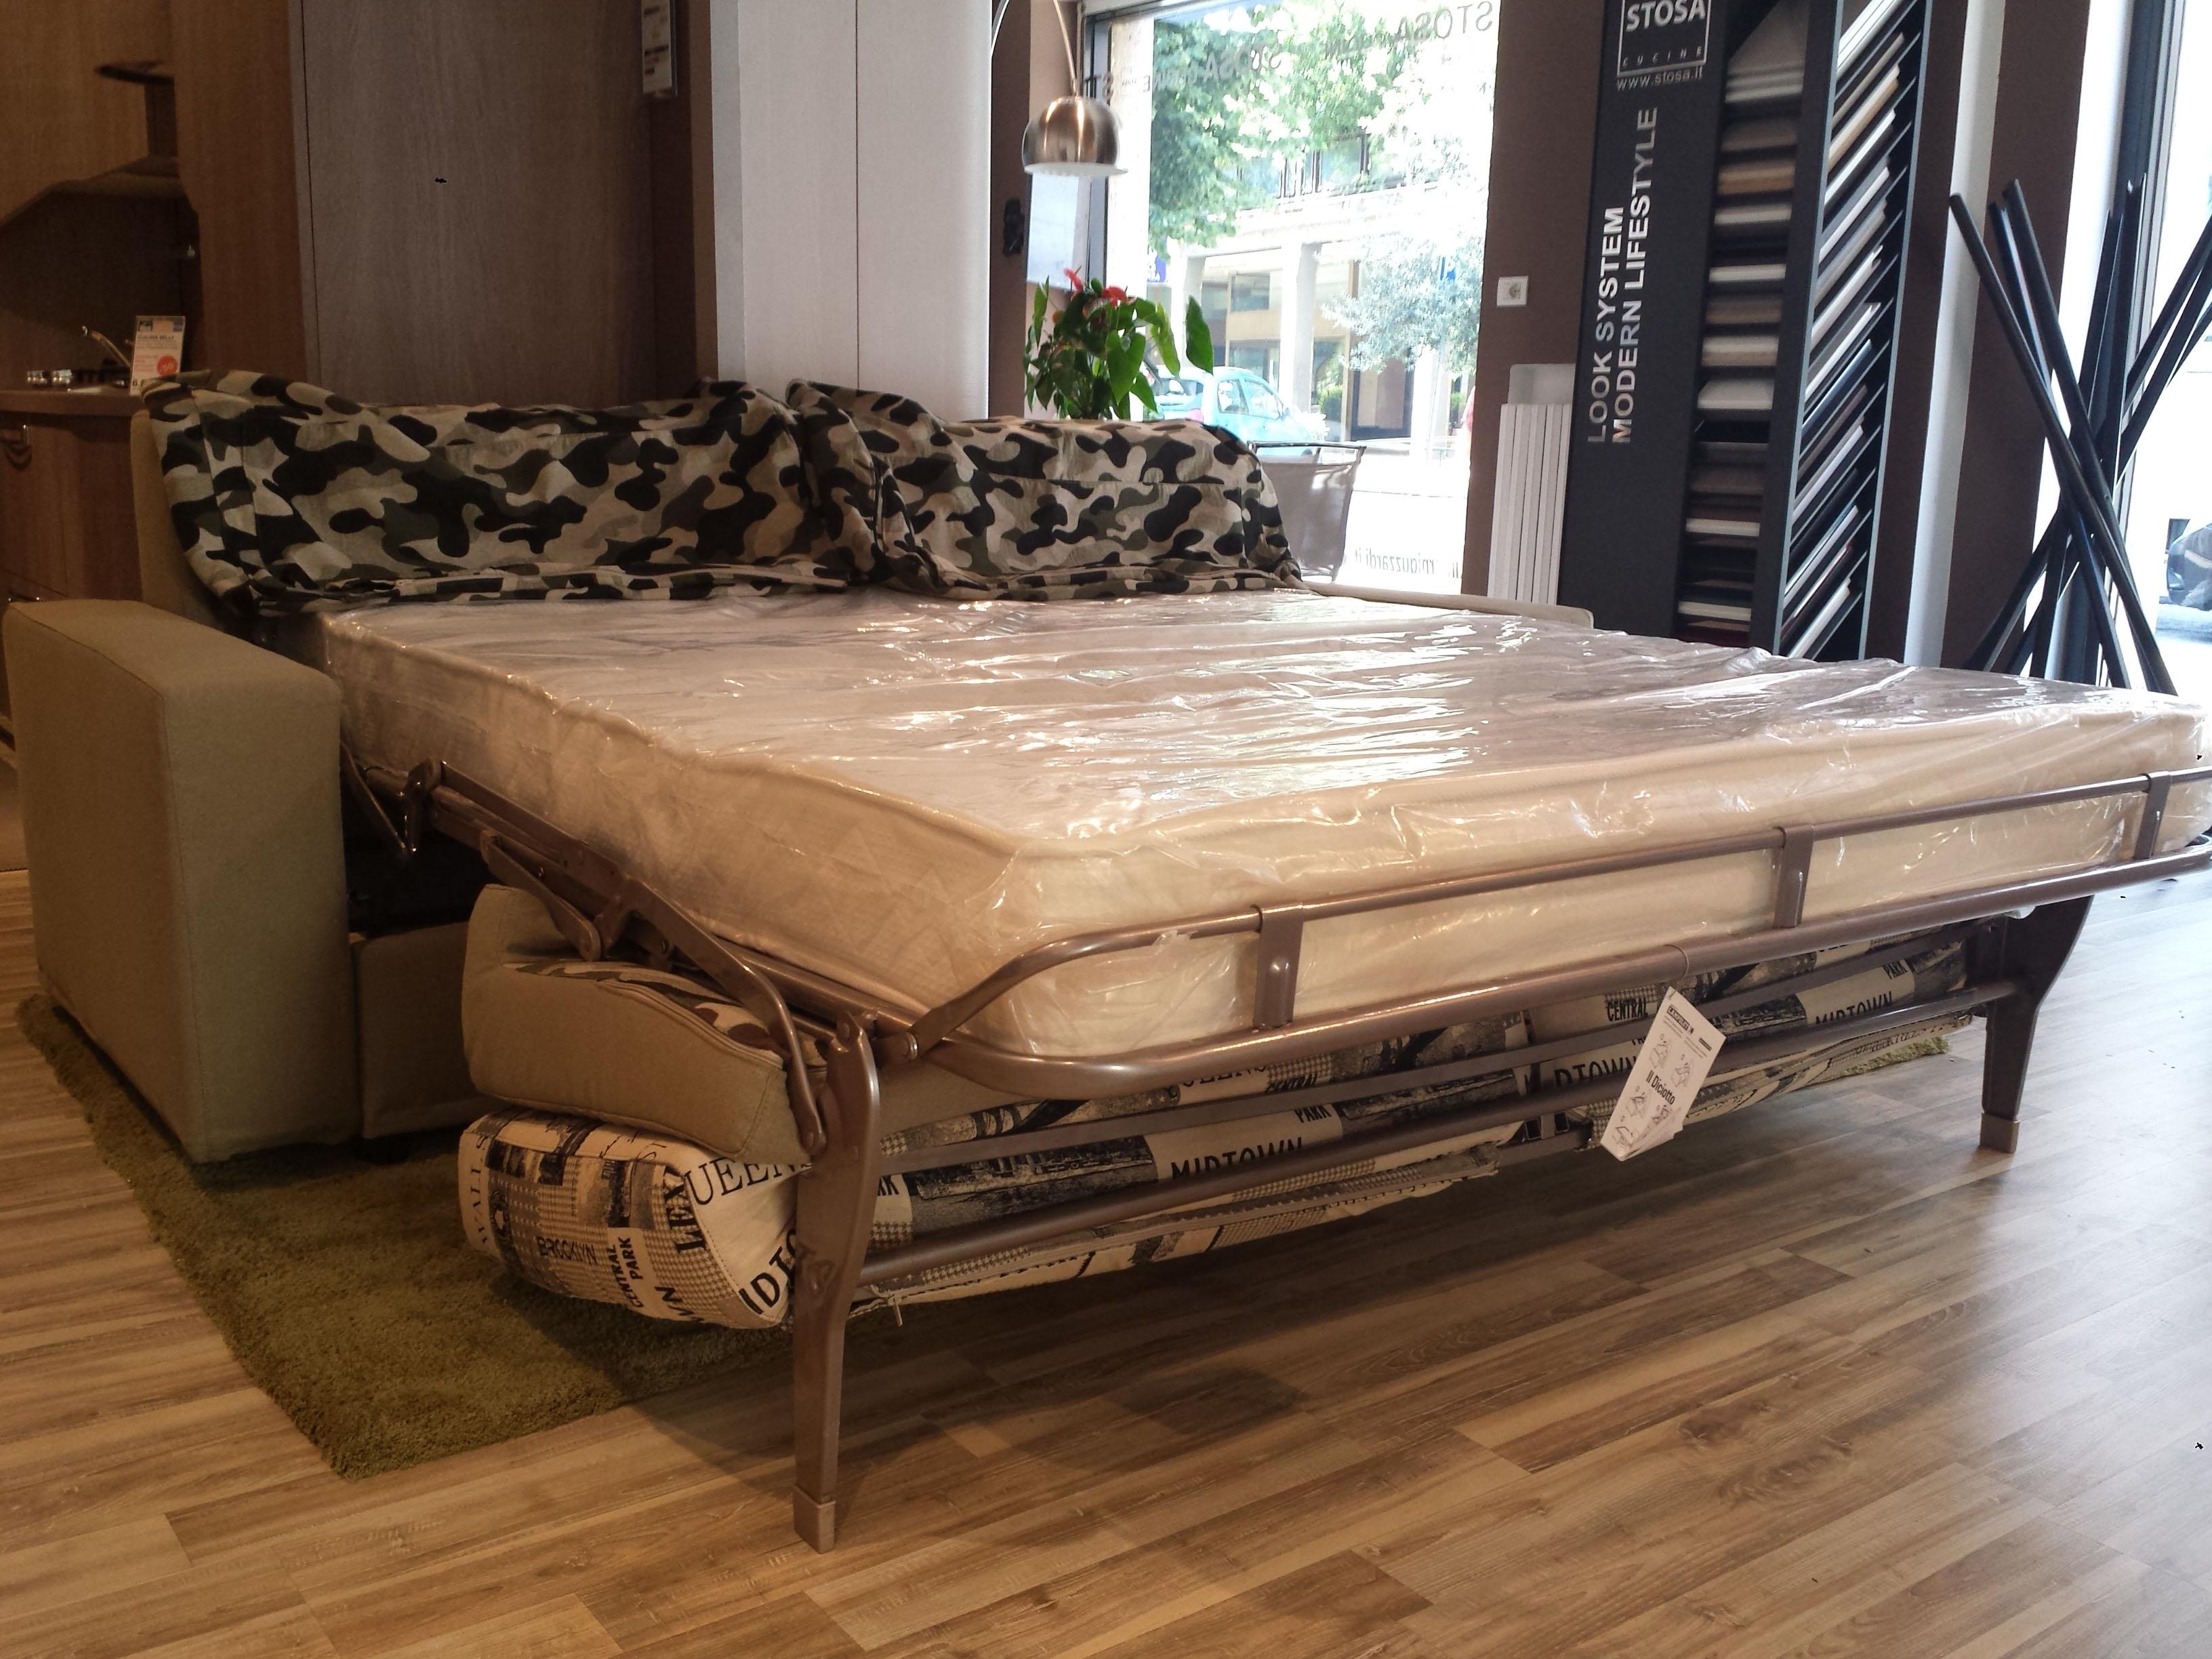 Divano letto artigianale made in italy super offerta divani a prezzi scontati - Divani a letto in offerta ...